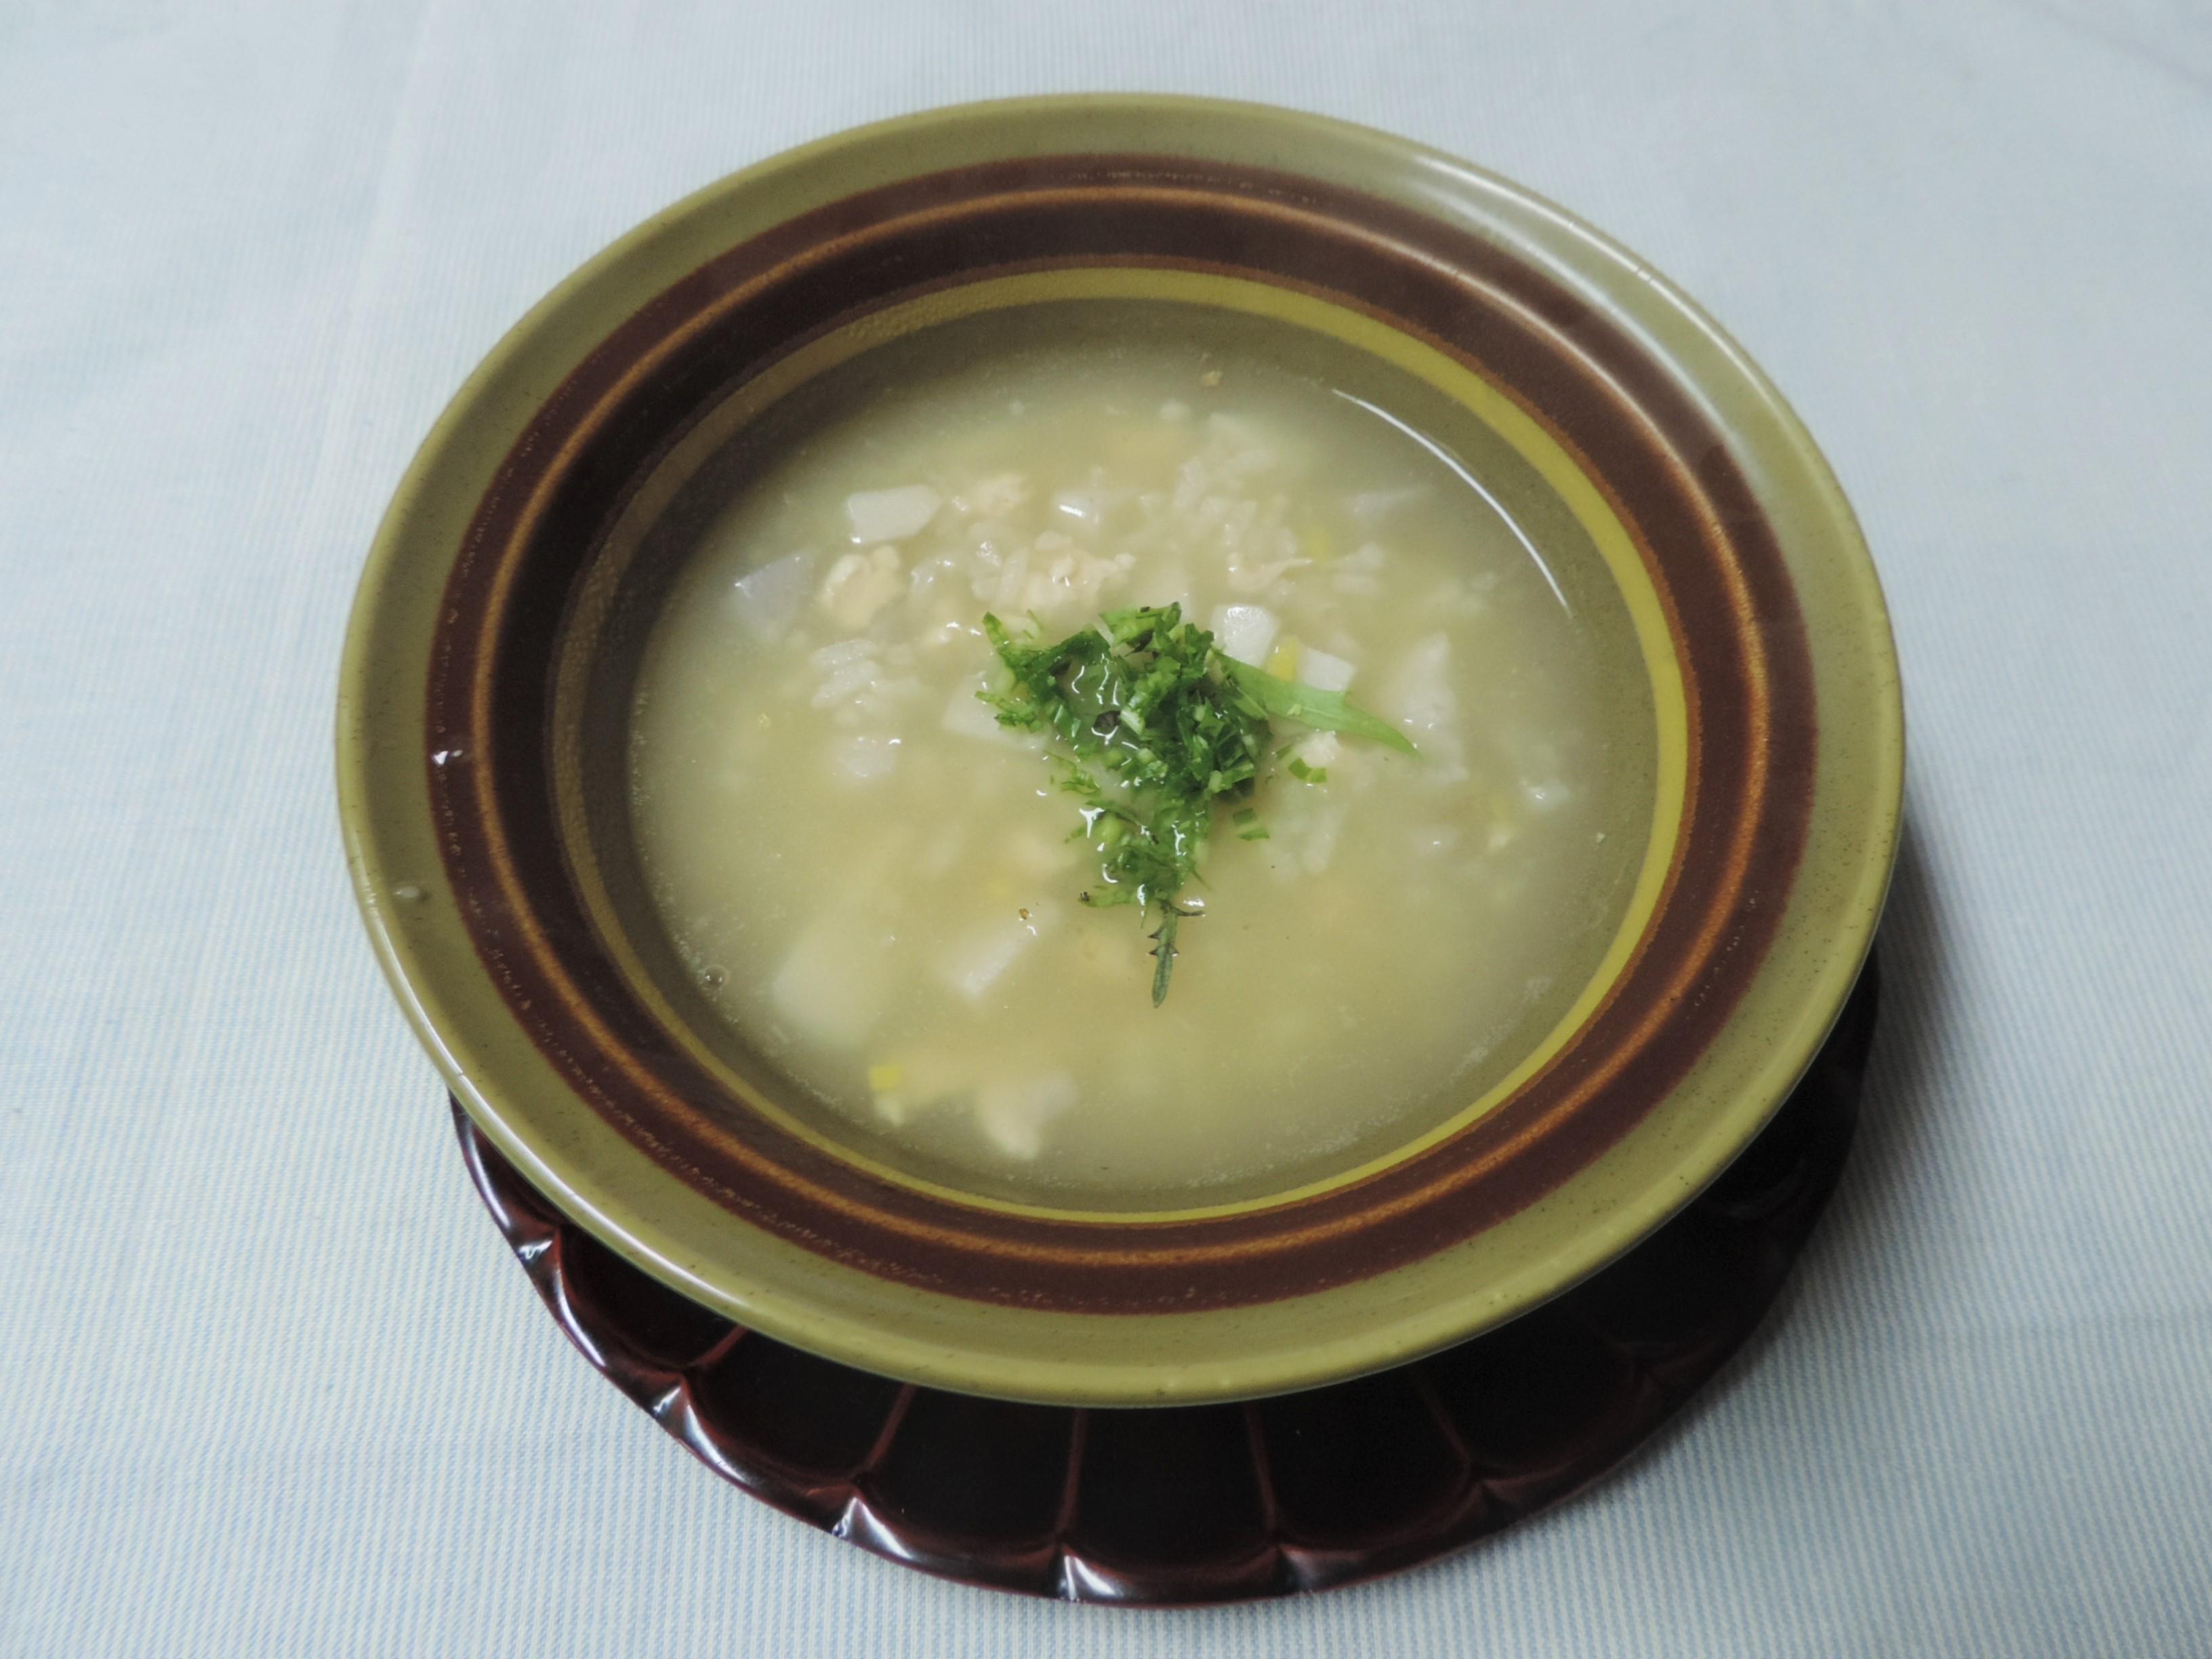 【養生レシピ⑨♥】「里芋と鶏ささみの雑炊」